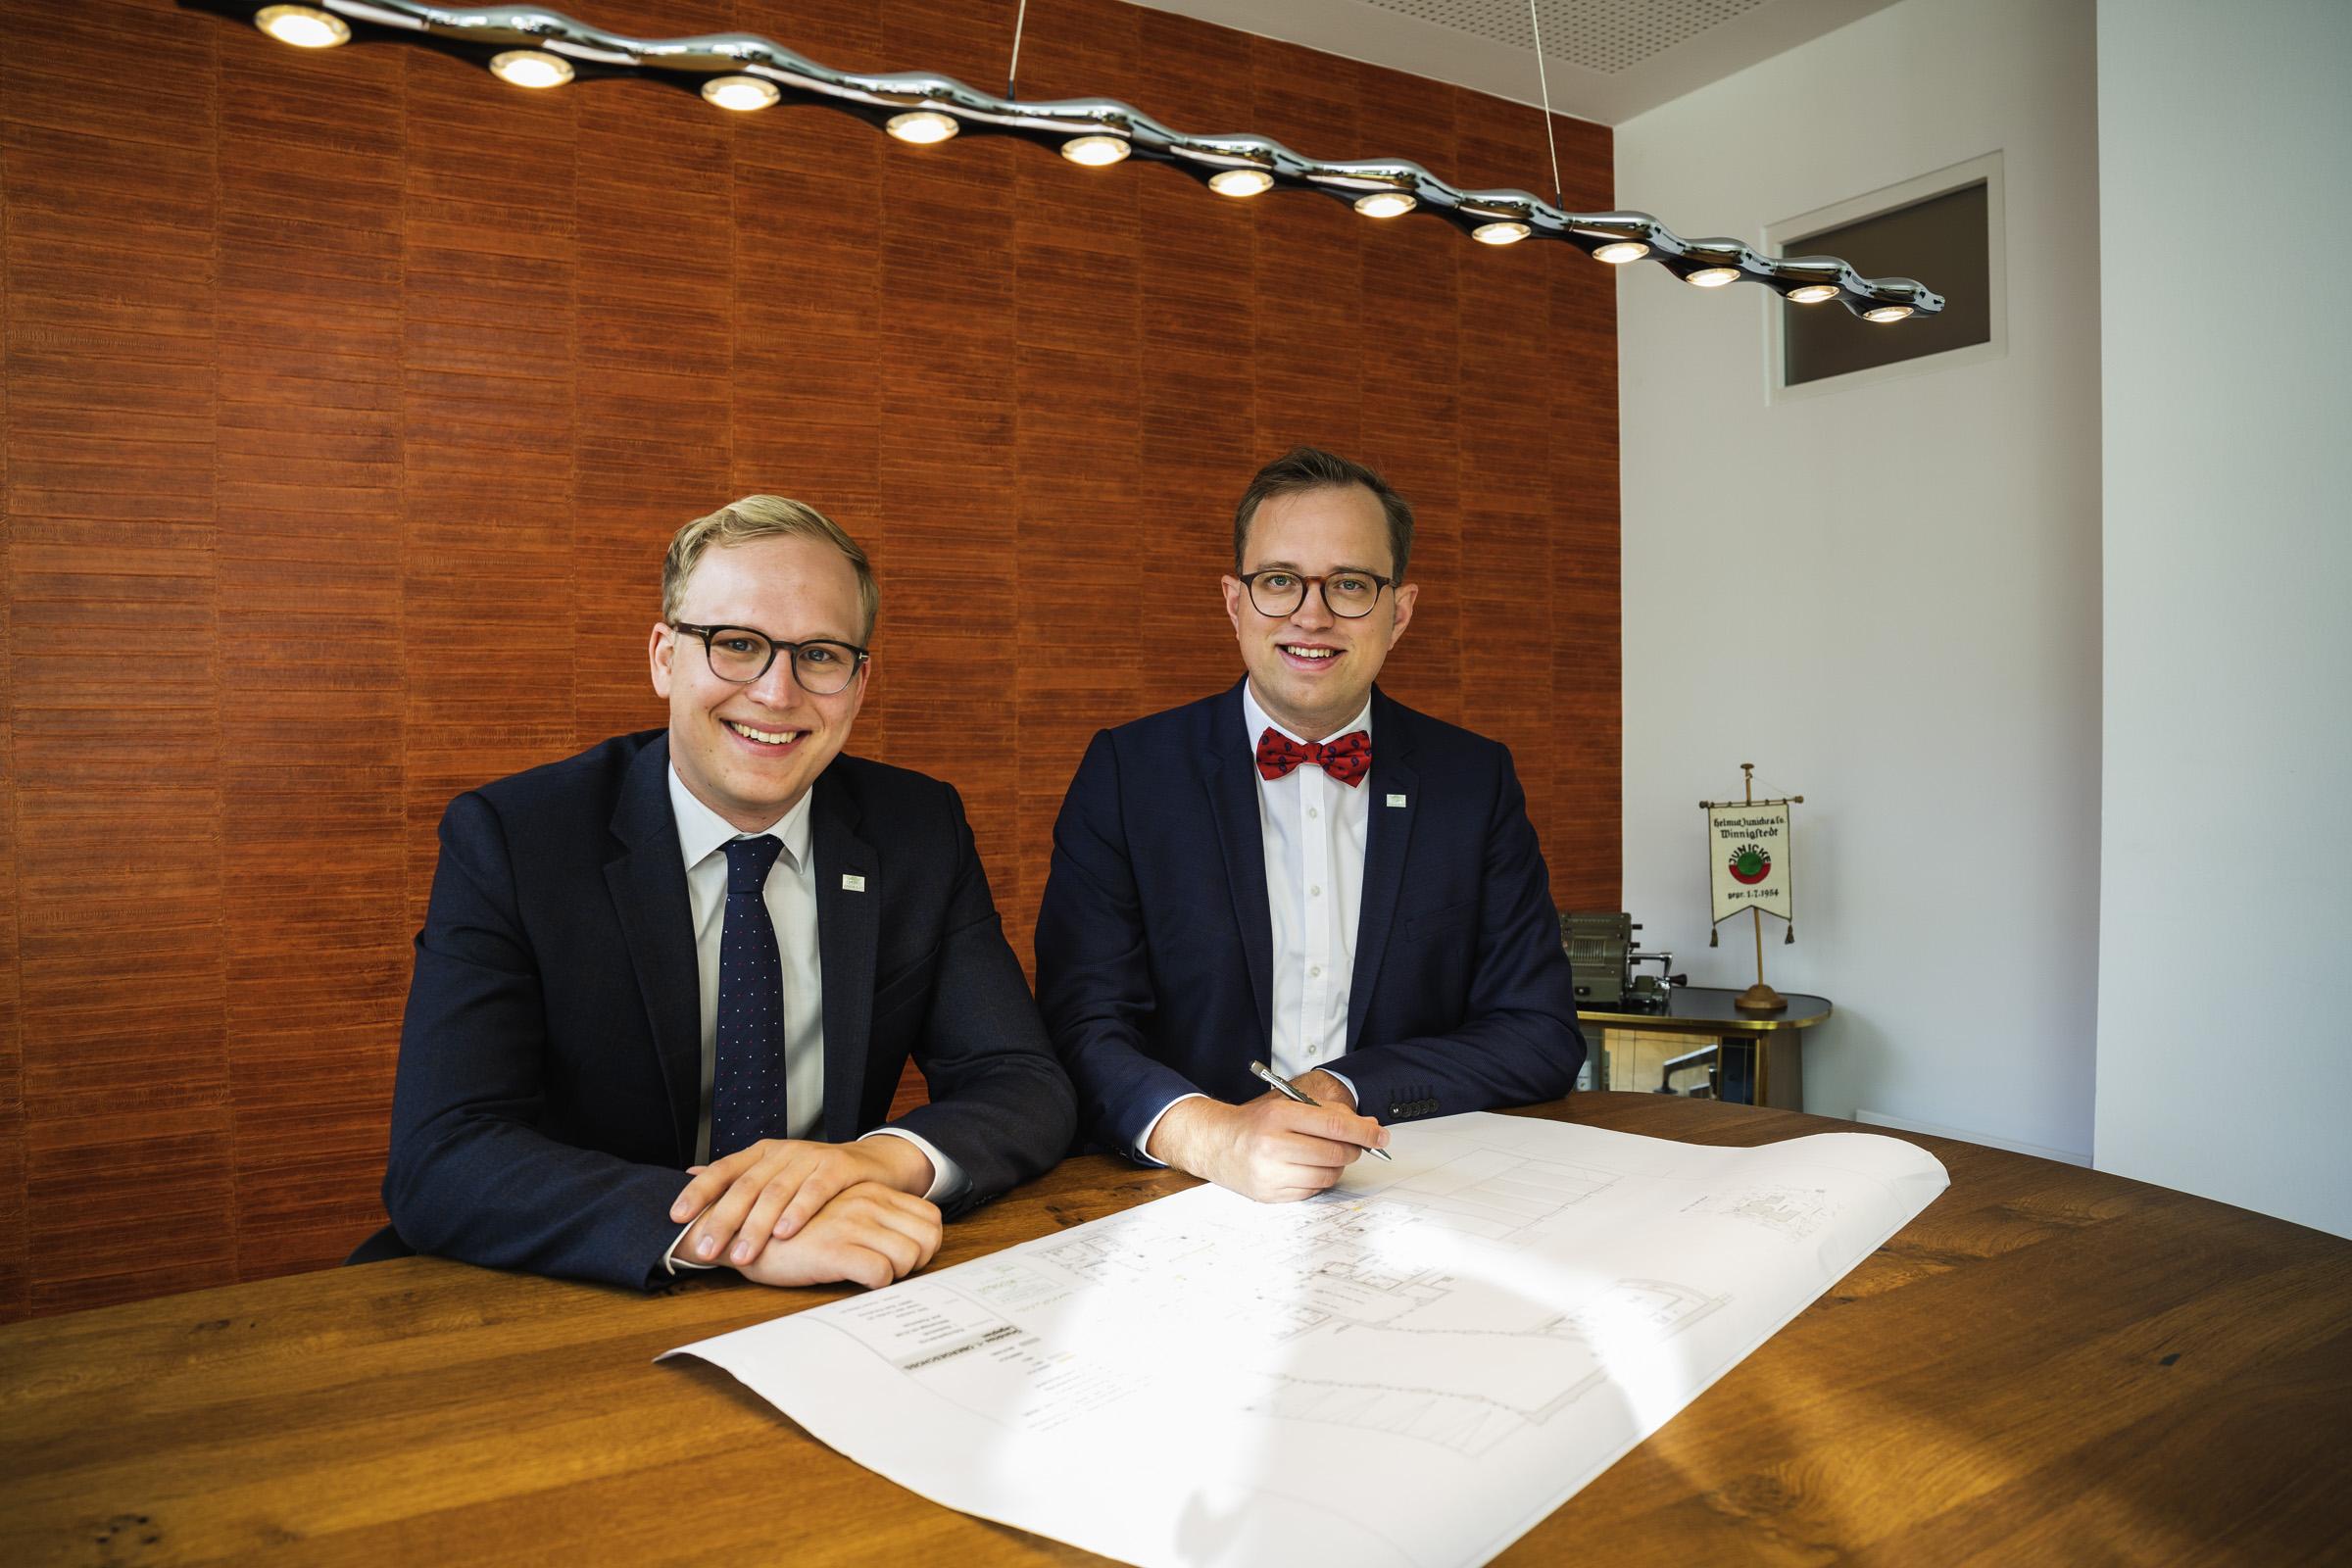 Immobilieninvestor im Portrait: Junicke kauft an